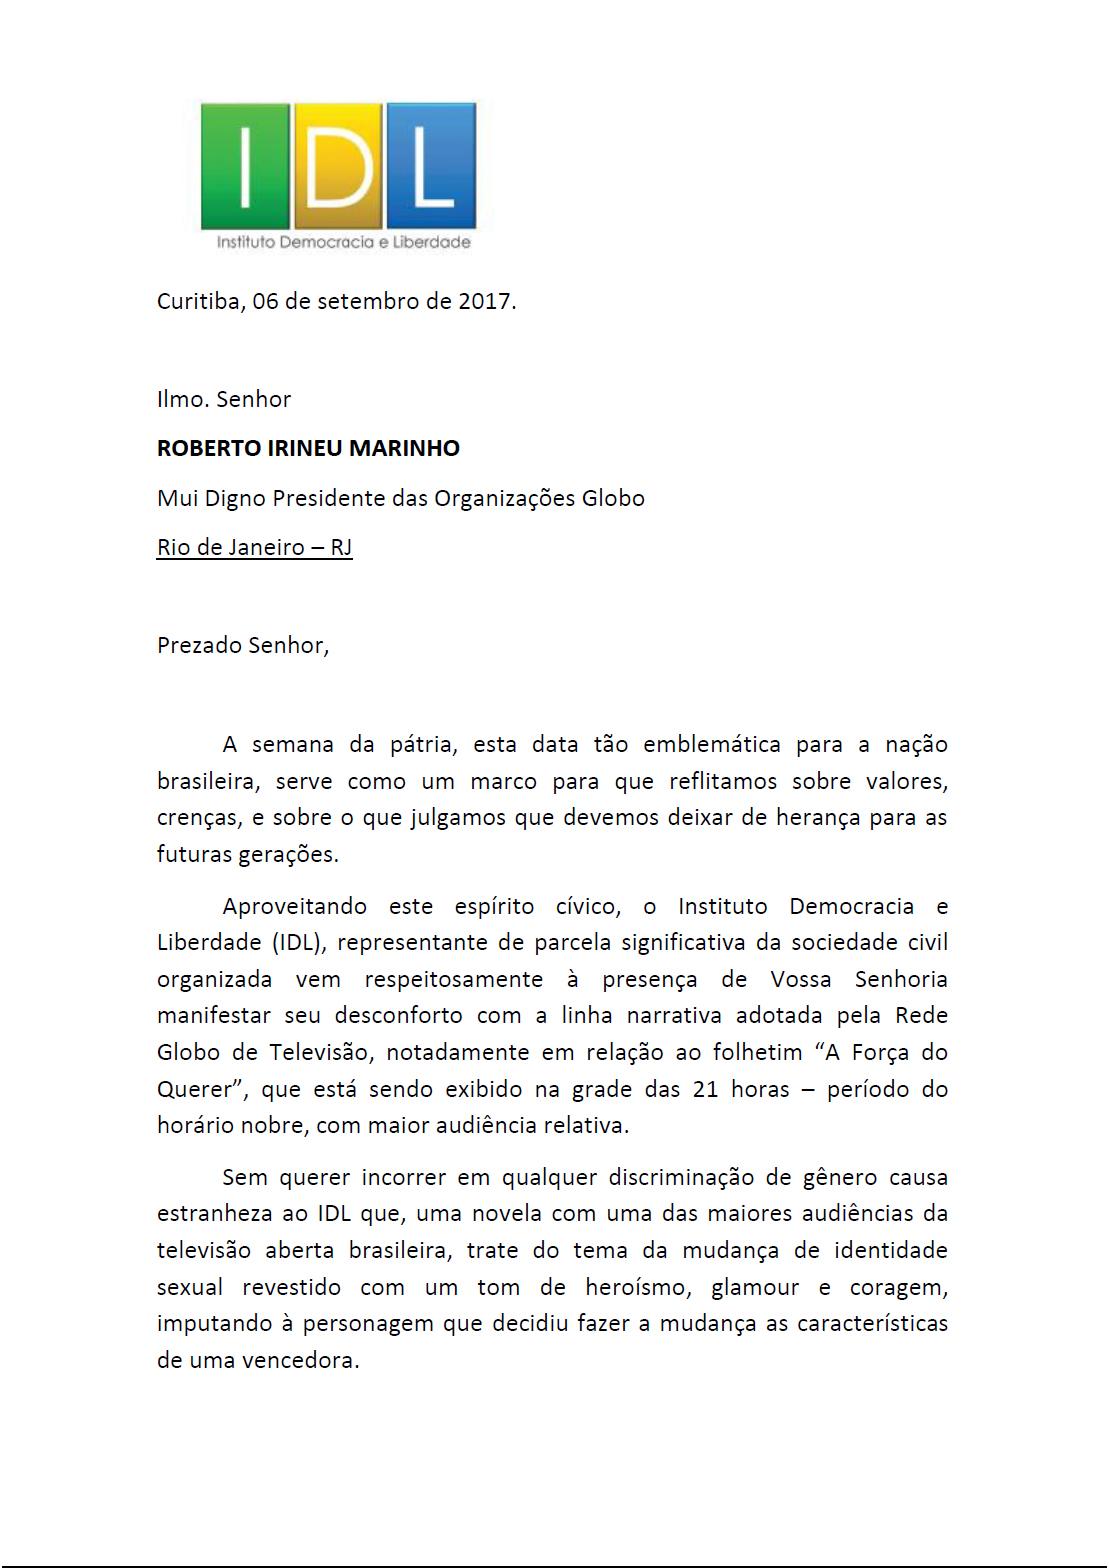 carta-01-impressao